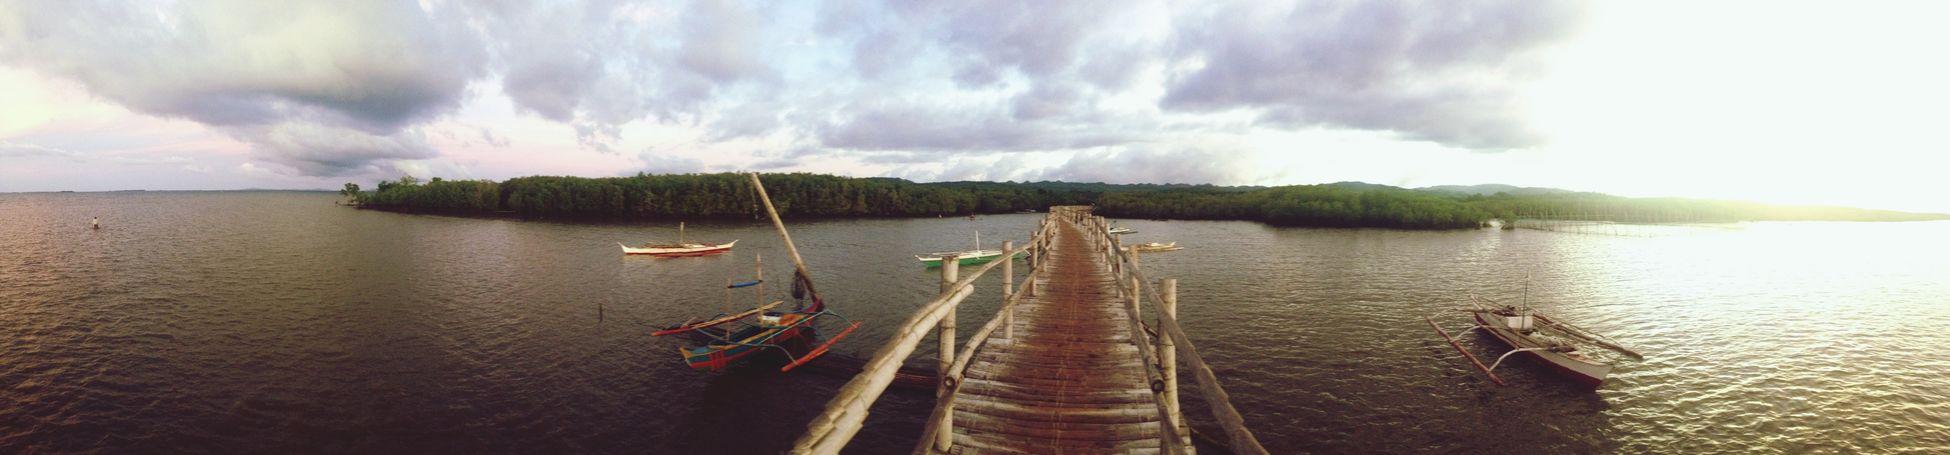 Boardwalk Macaas